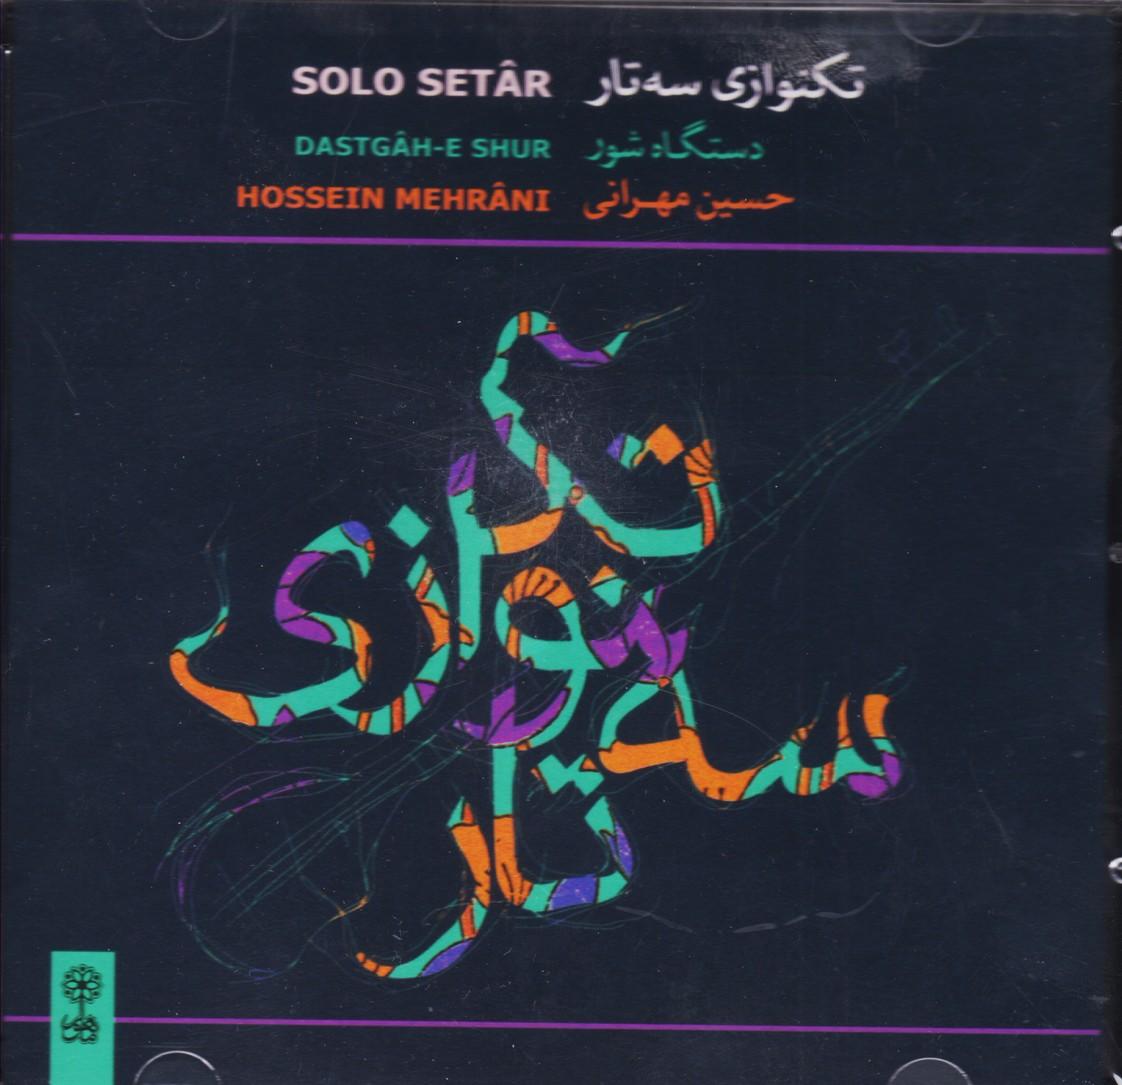 تکنوازی سه تار : دستگاه شور/حسین مهرانی